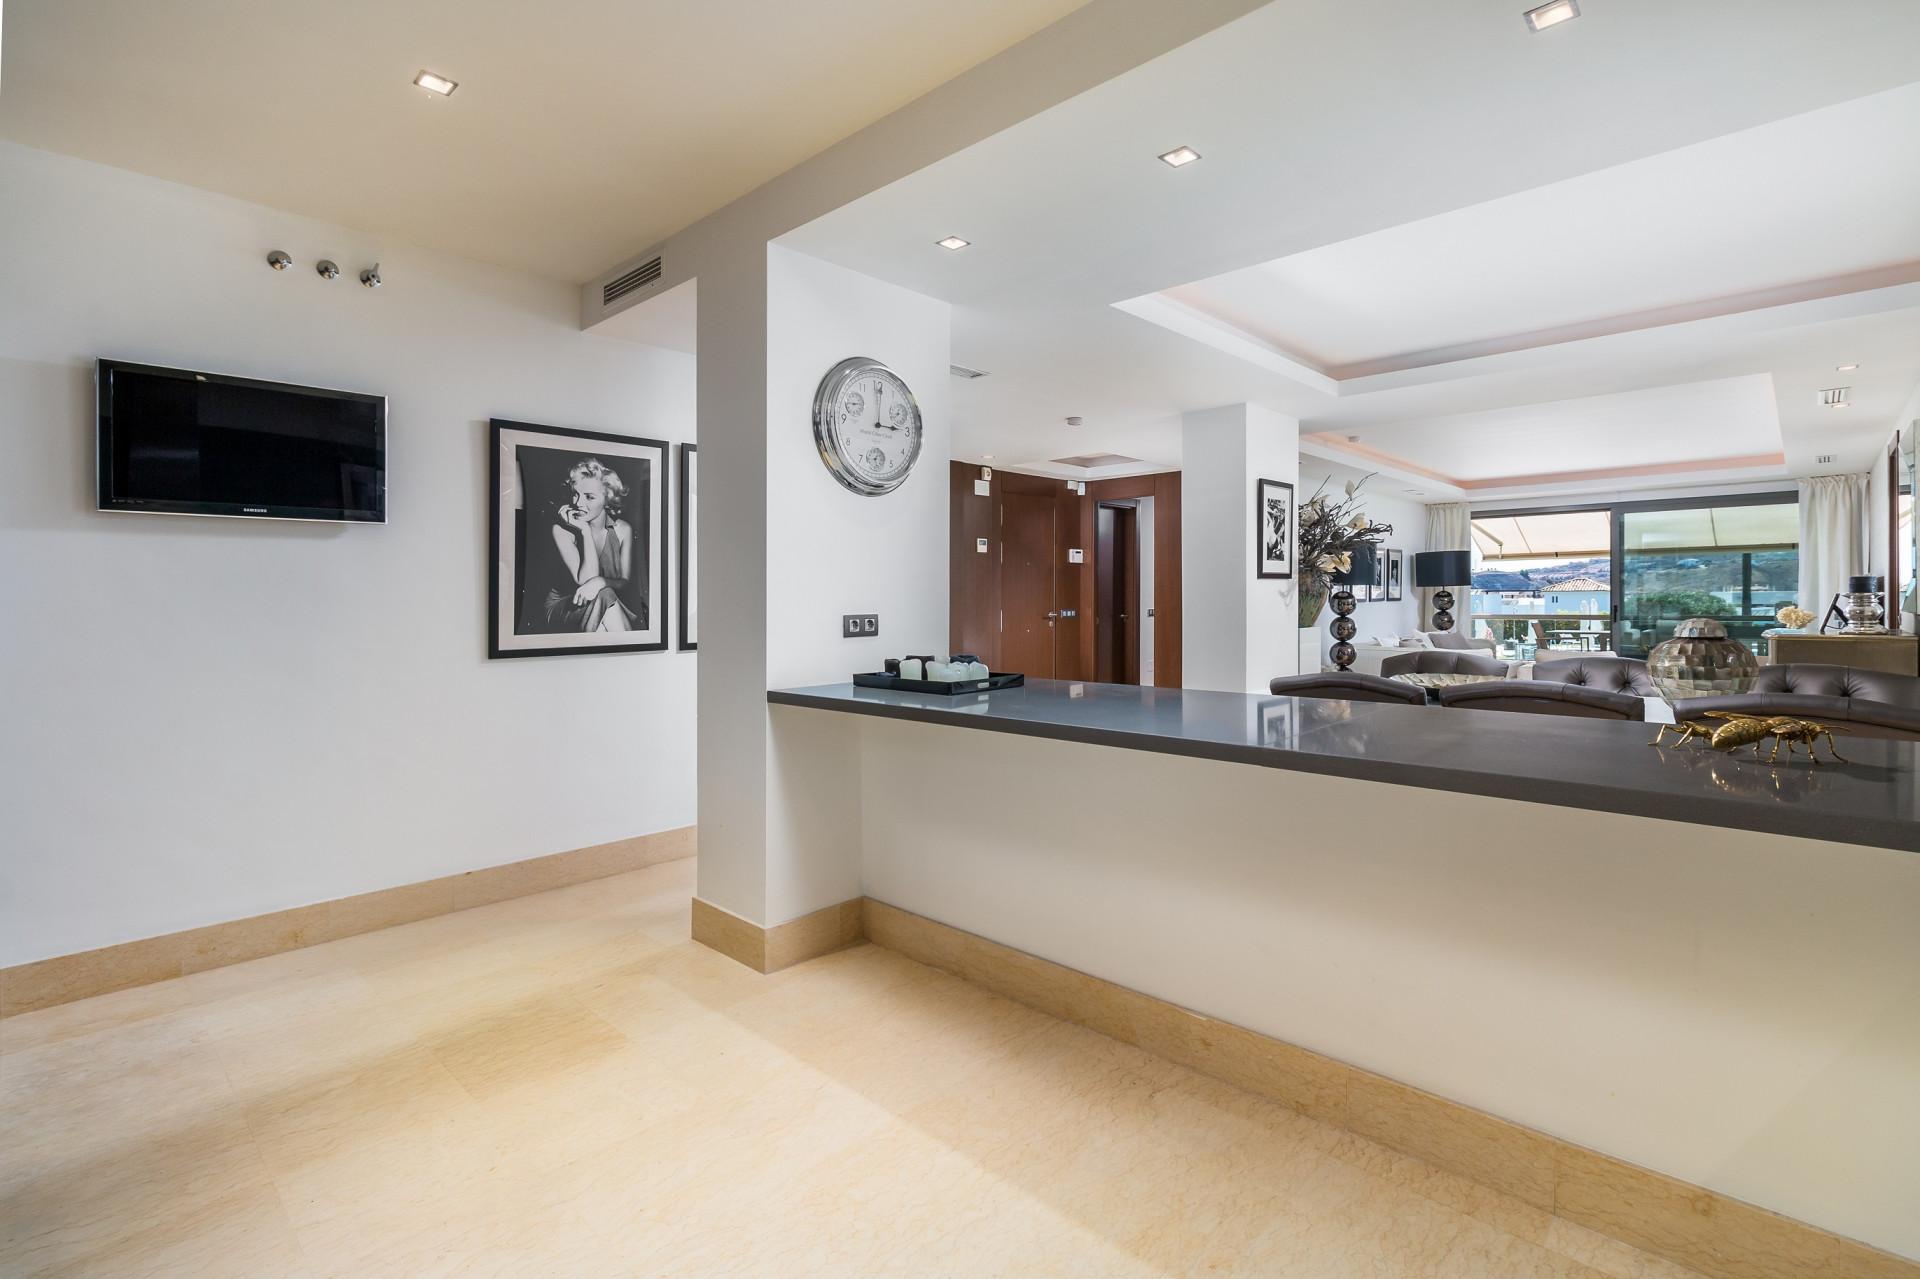 Espectacular  apartamento de 3 dormitorios amplio y moderno